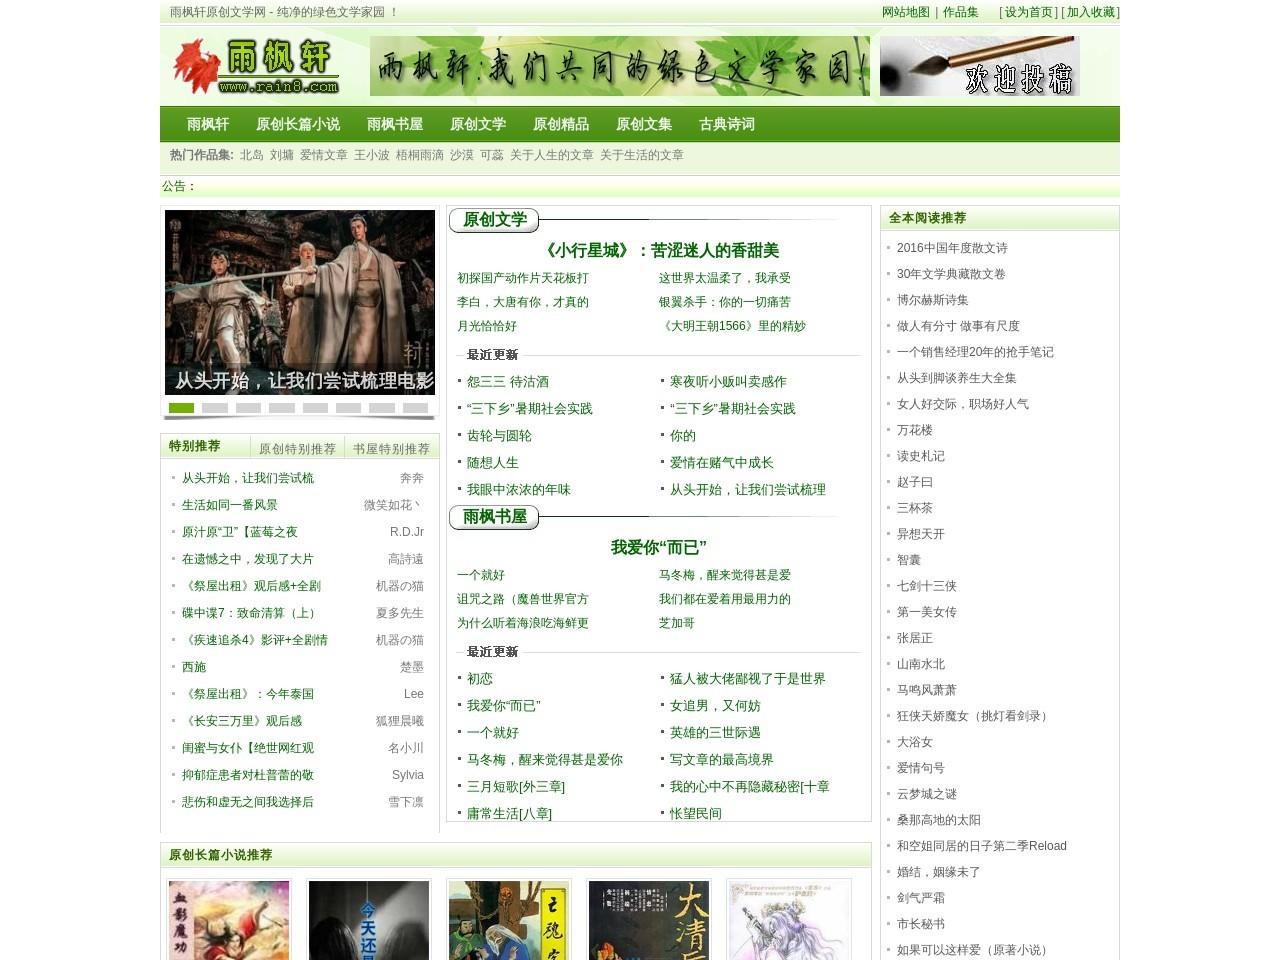 雨枫轩_原创文学_中外名著_在线阅读_TXT下载